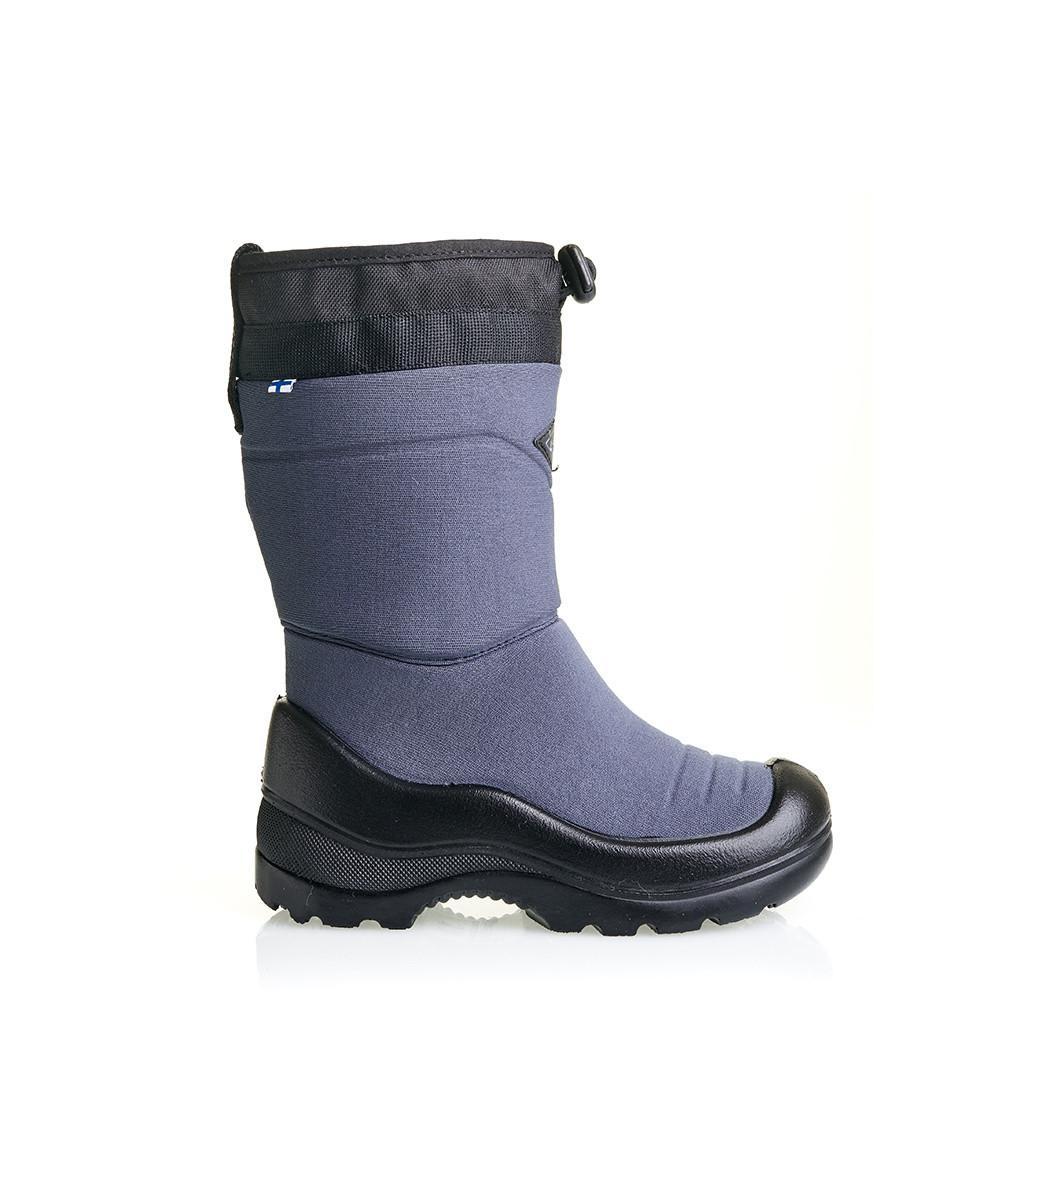 Обувь детская Snow snowlock wool, Grey